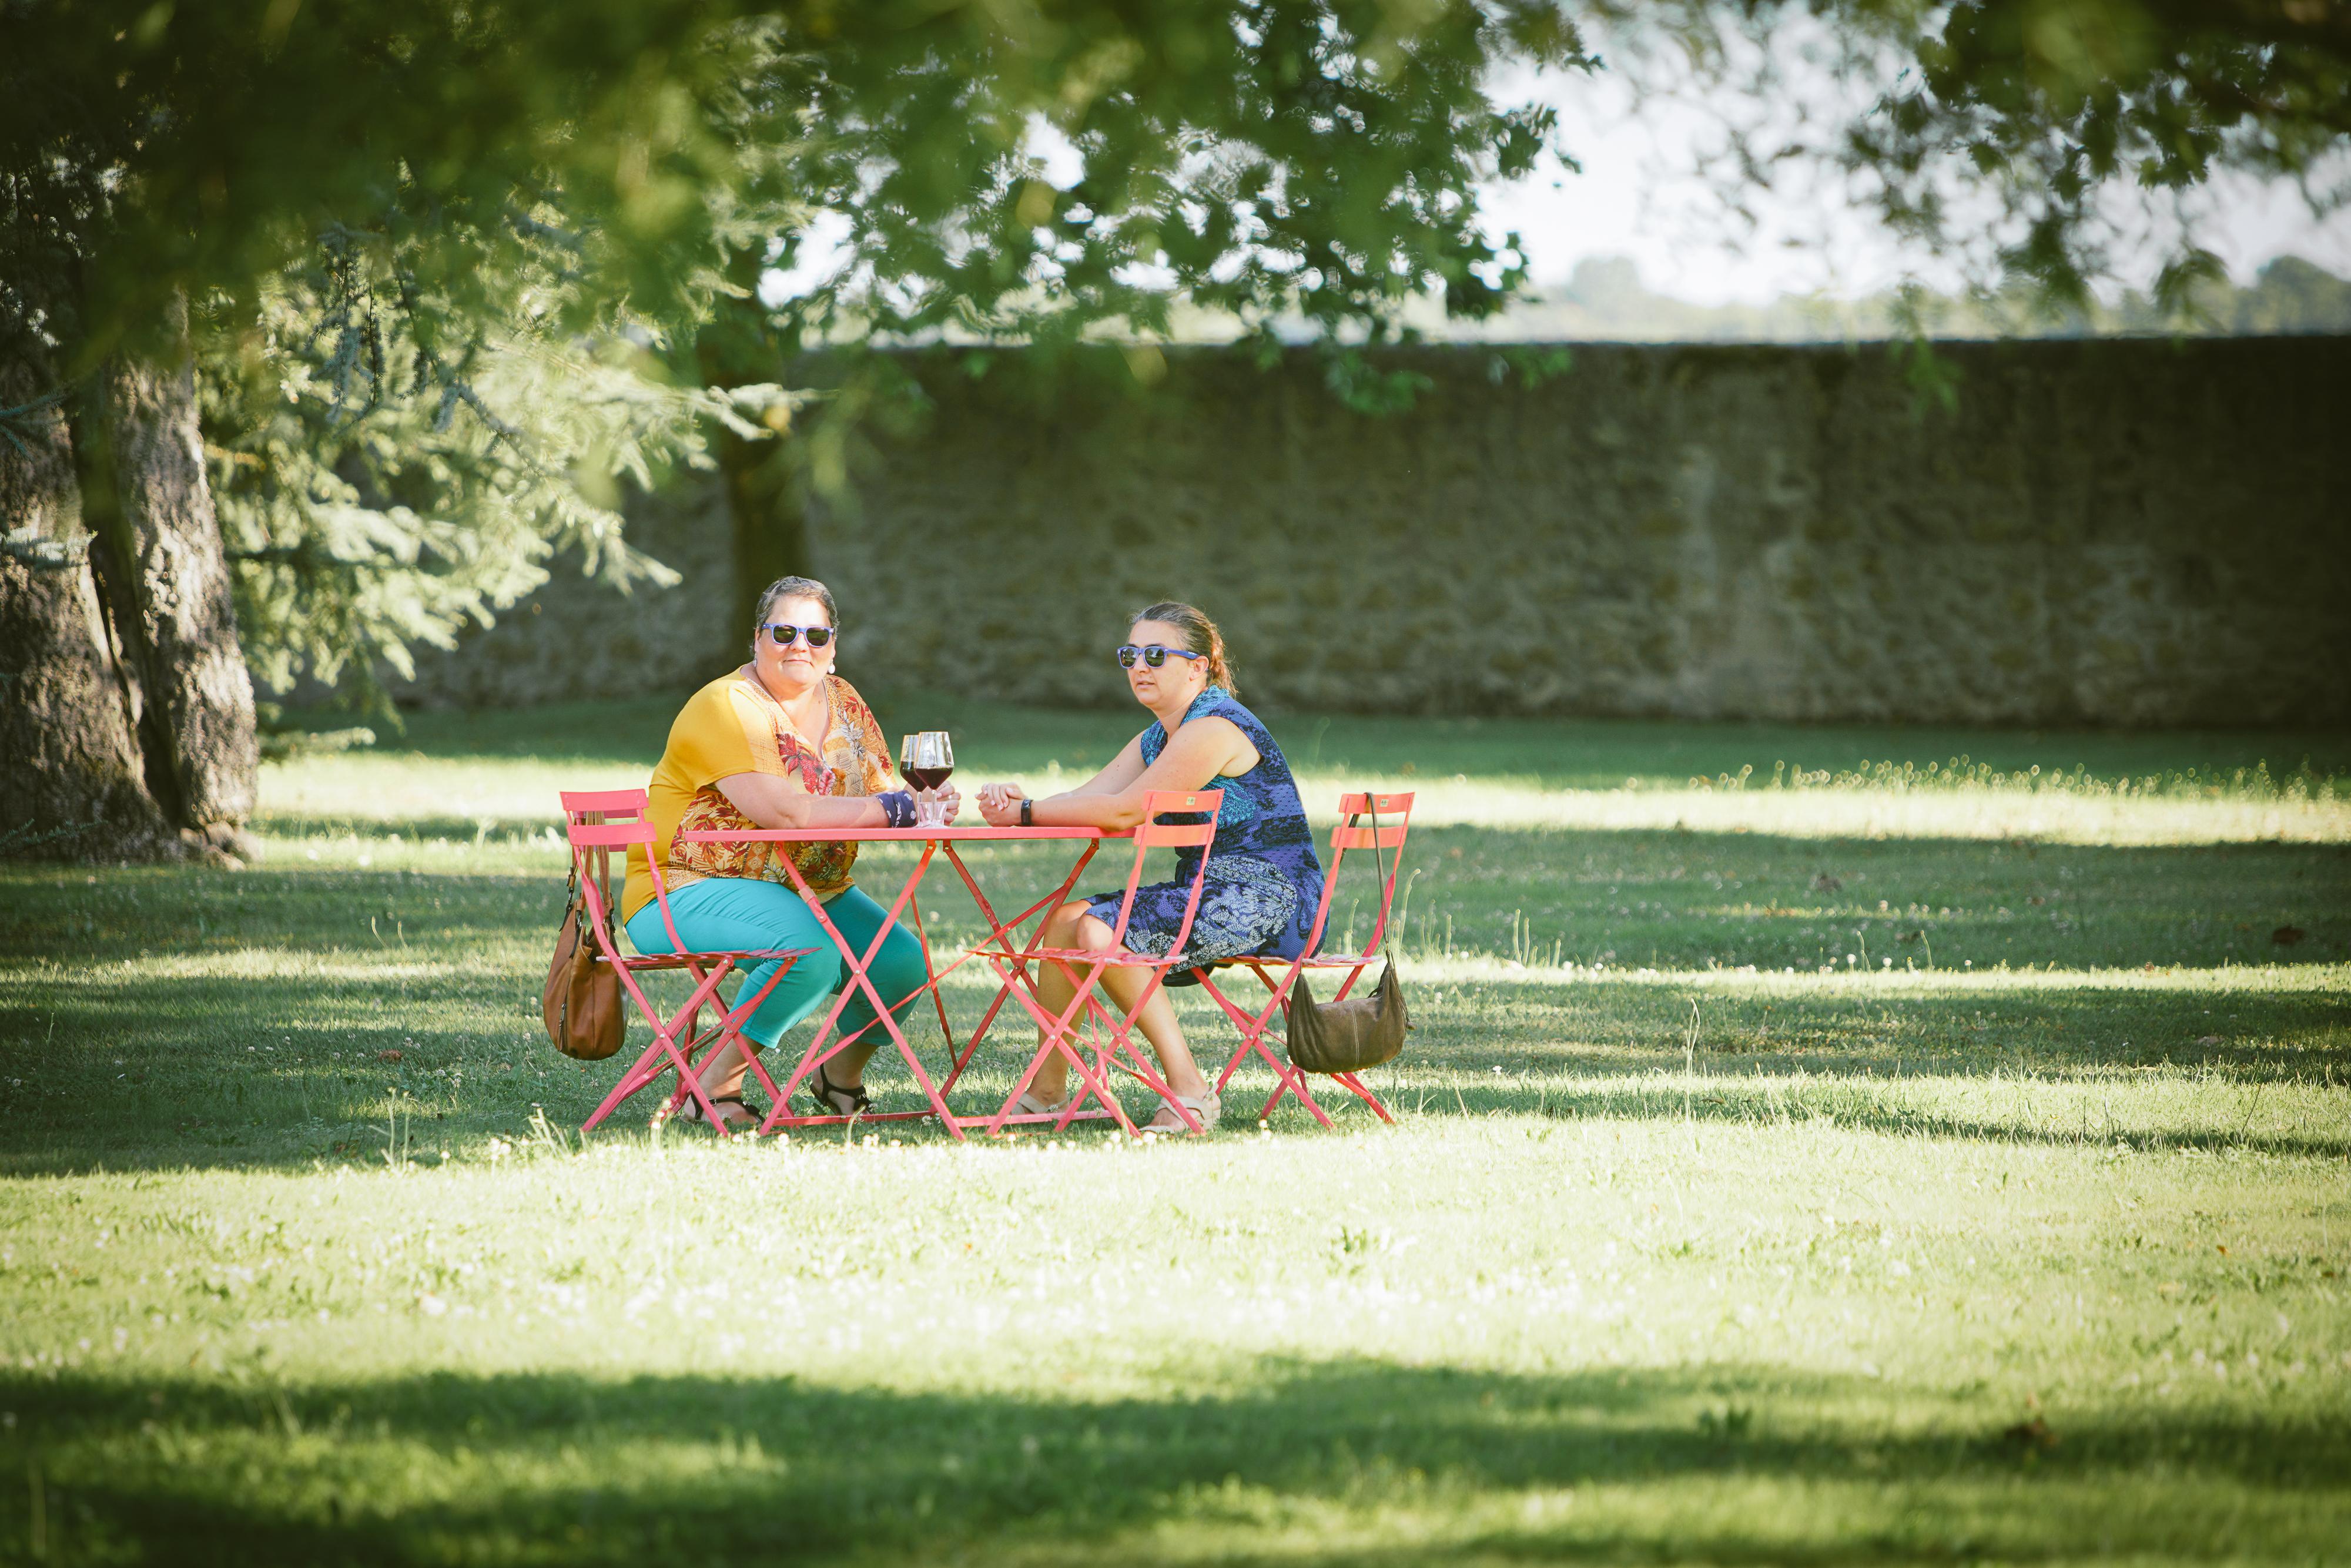 AFTER WORK EN MÉDOC_2020-chateau-Malescasse_Photographe d\'evenements corporate_christophe_boury_www.photographe-33.fr_A7R01955